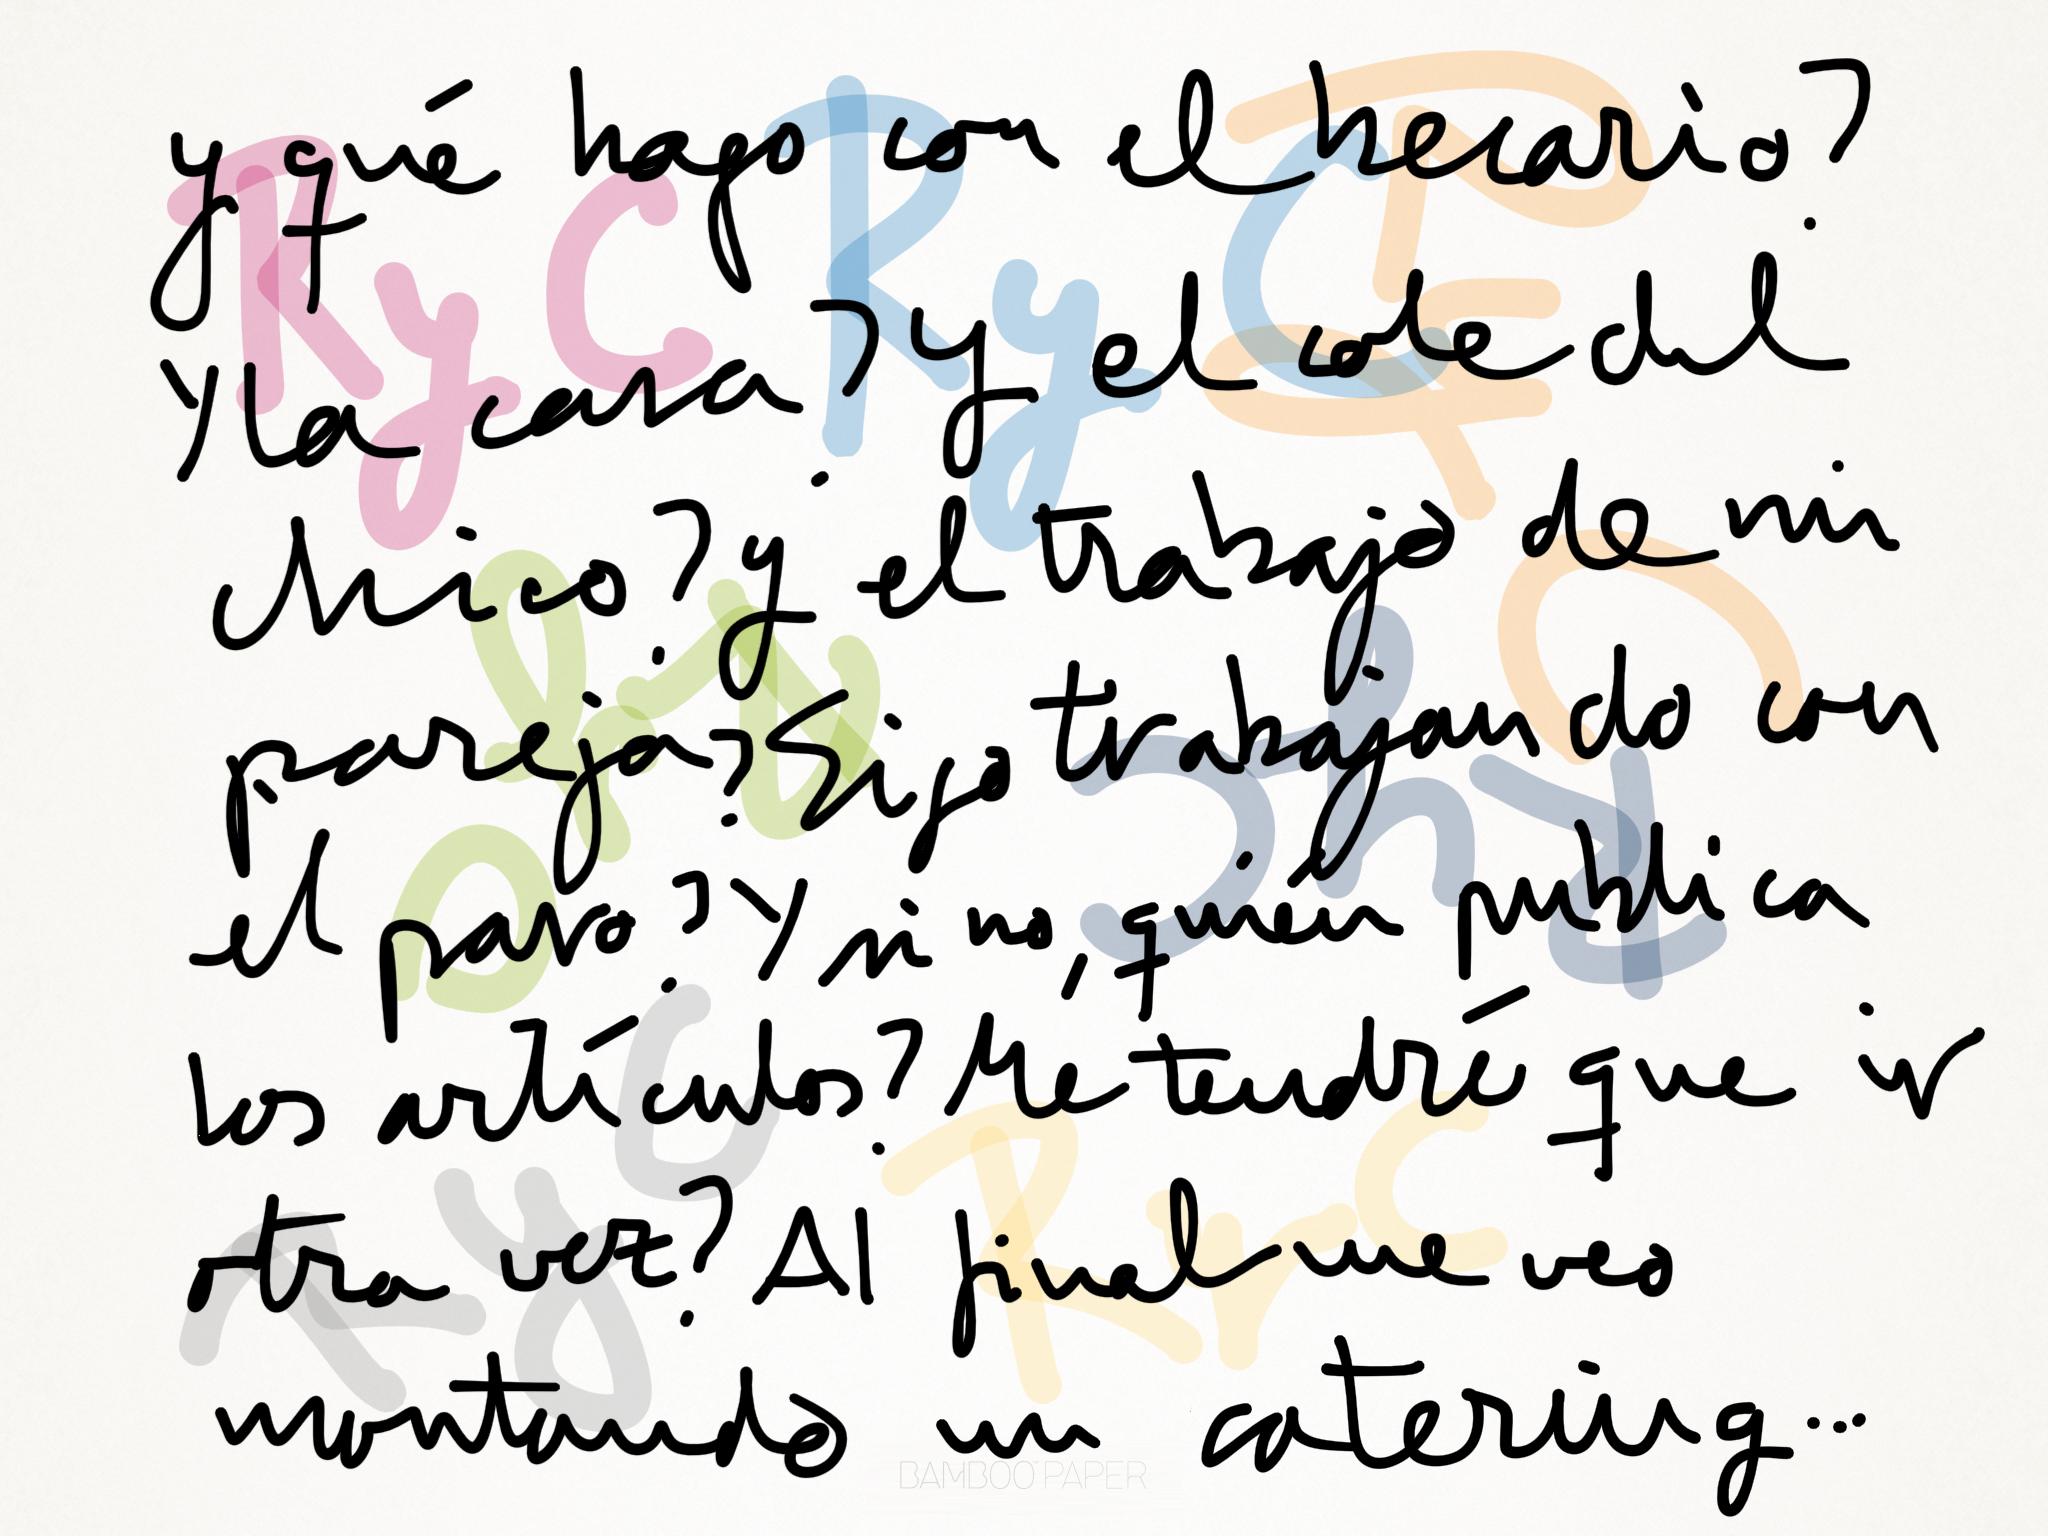 Lo que le pasa a un RyC por la cabeza. Crédito @AmebaCuriosa. Recogido de https://amebacuriosa.wordpress.com/2012/09/08/carta-de-un-ramon-y-cajal-a-un-espanol/